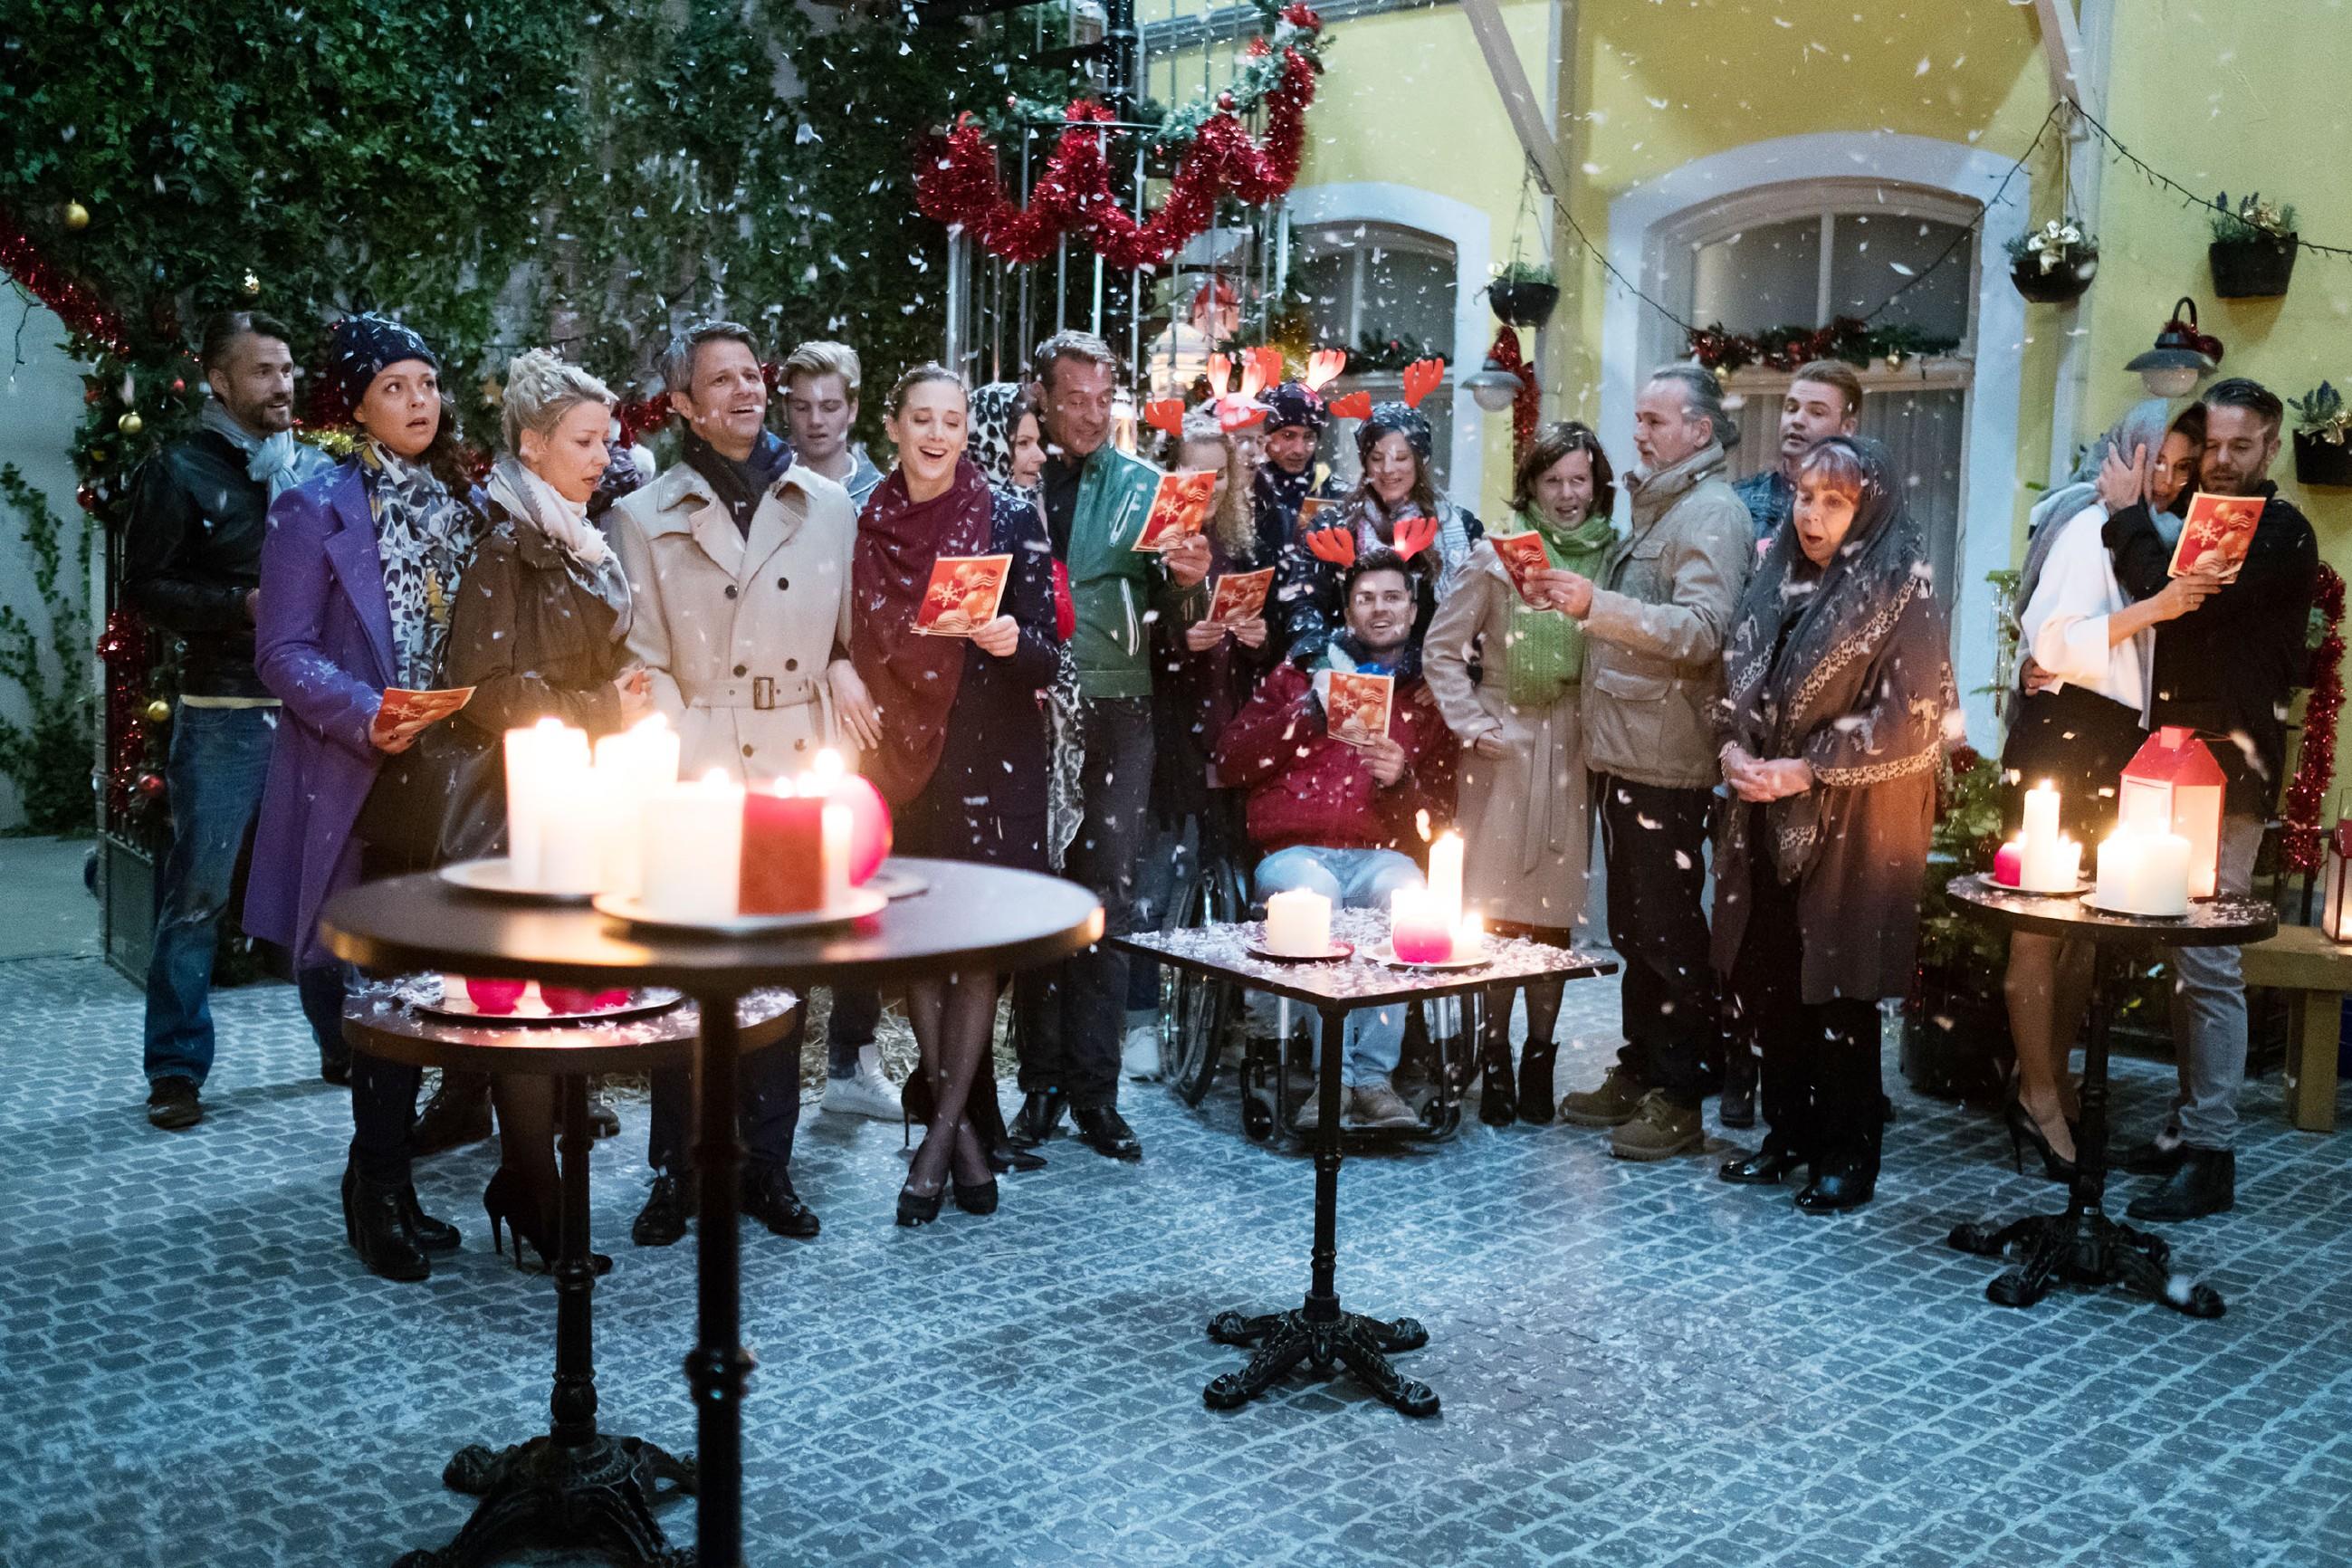 Traditionell haben sich die Bewohner der Schillerallee, v.l.) Malte (Stefan Bockelmann), Caro (Ines Kurenbach), Ute (Isabell Hertel), Benedikt (Jens Hajek), Valentin (Aaron Koszuta), Andrea (Kristin Meyer), Britta (Tabea Heynig), Rufus (Kai Noll), KayC (Pauline Angert), Ringo (Timothy Boldt), Paco (Milos Vukovic), Elli (Nora Koppen), Irene (Petra Blossey), Robert (Luca Maric), Bambi (Benjamin Heinrich), Roswitha (Andrea Brix), Eva (Claudelle Deckert) und Till (Ben Ruedinger), im Innenhof zum gemeinsamen Singen eingefunden.